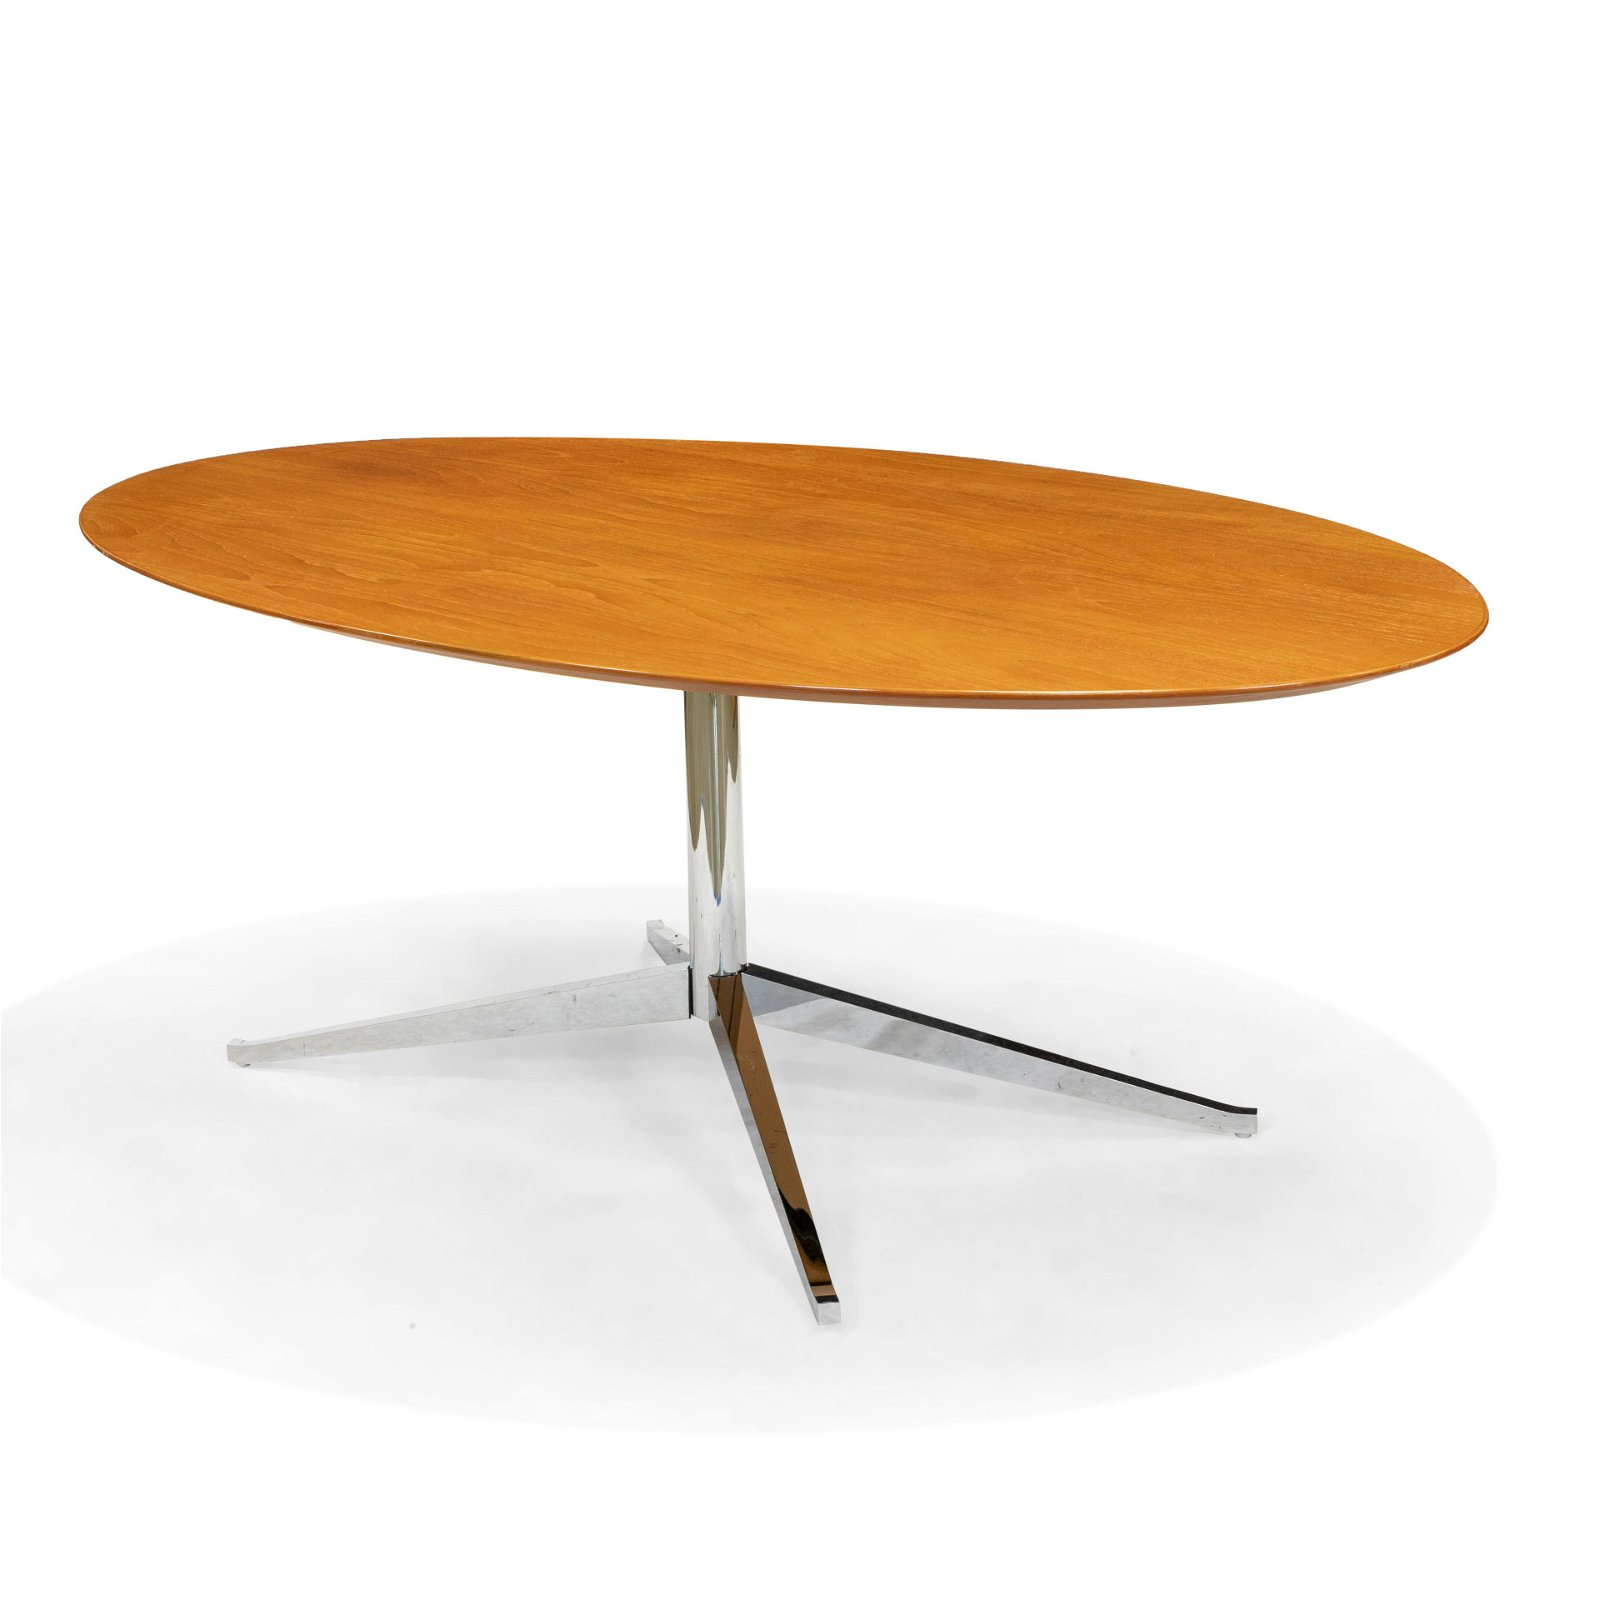 Eero Saarinen - Knoll - Dining Table